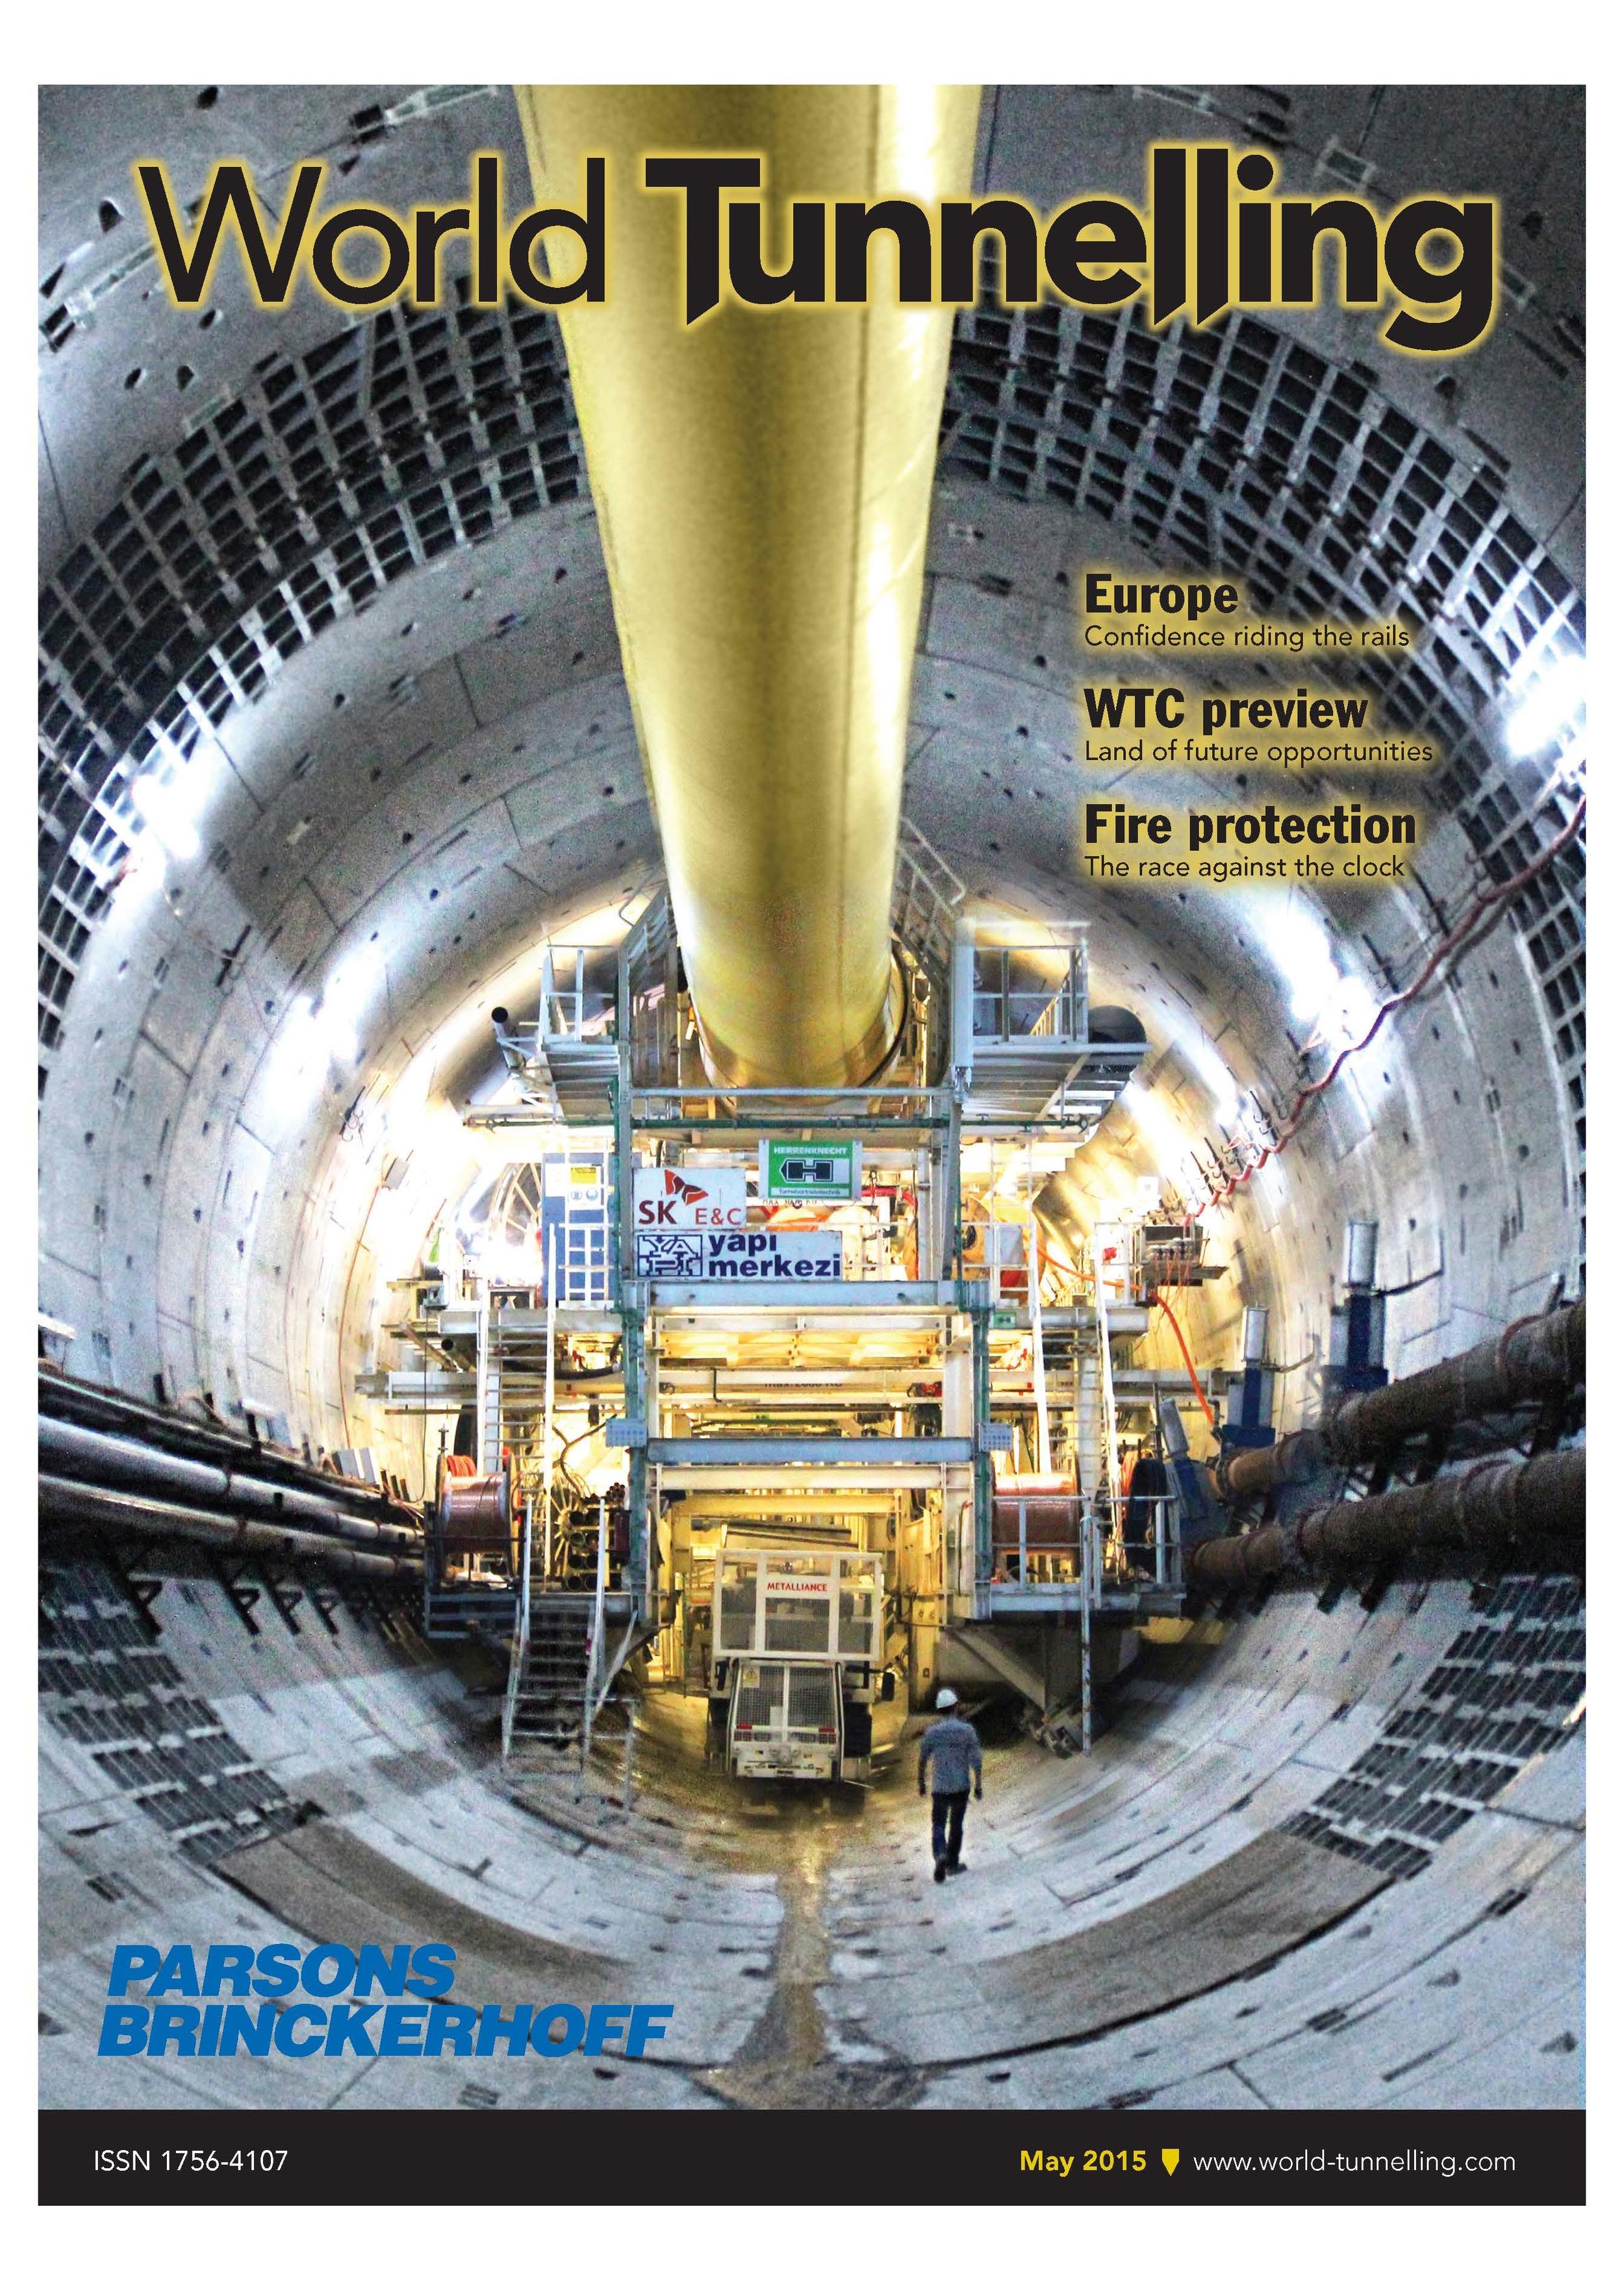 world tunnelling magazine.jpeg